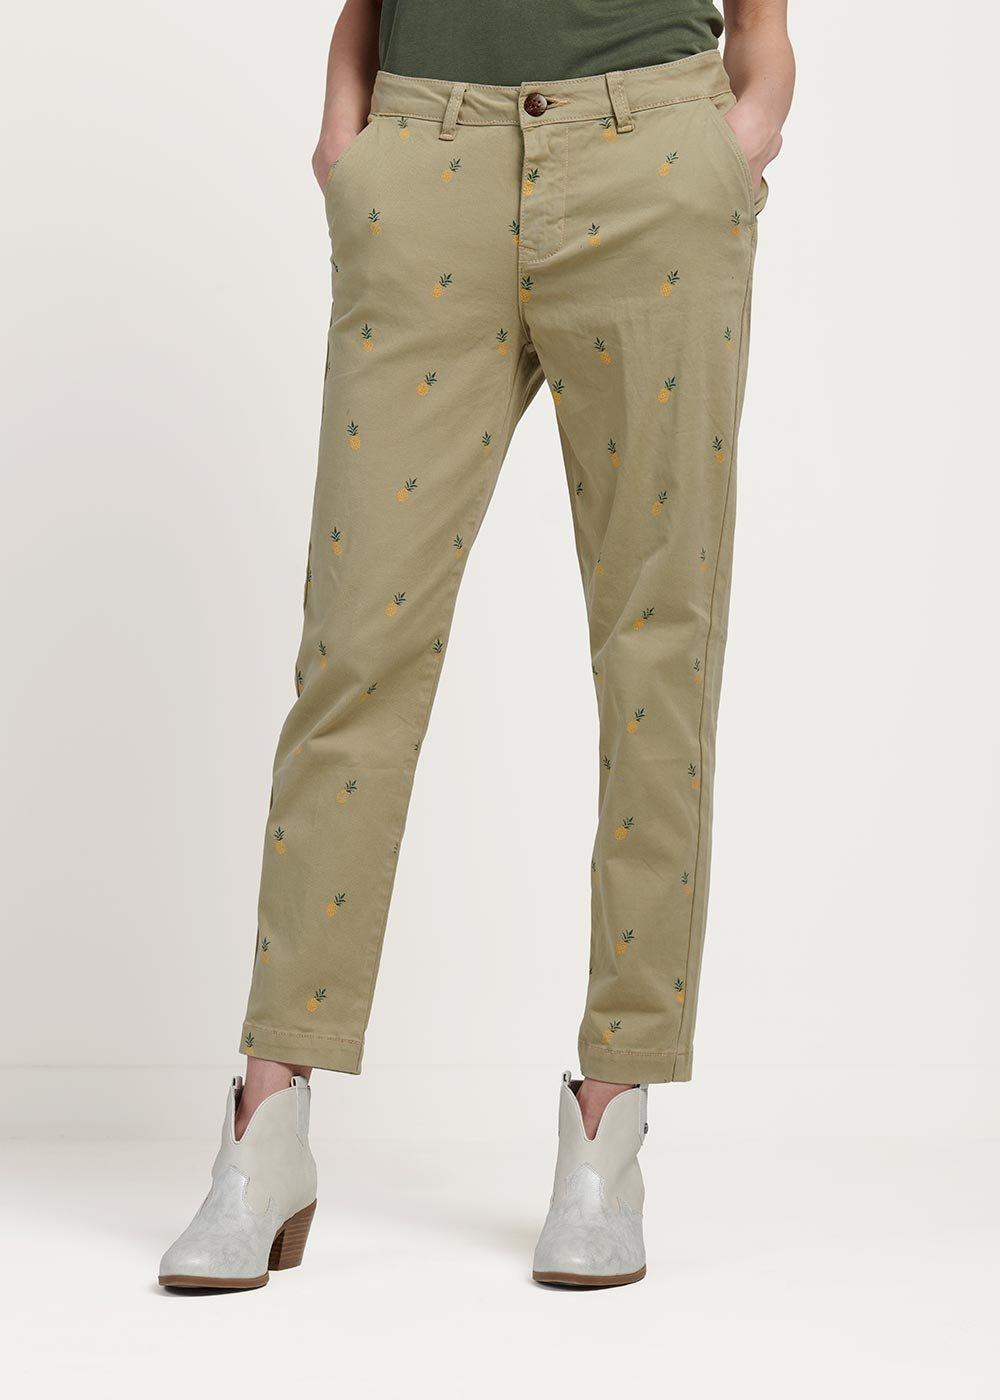 Pamir safari capri trousers with pineapple print - Safari - Woman